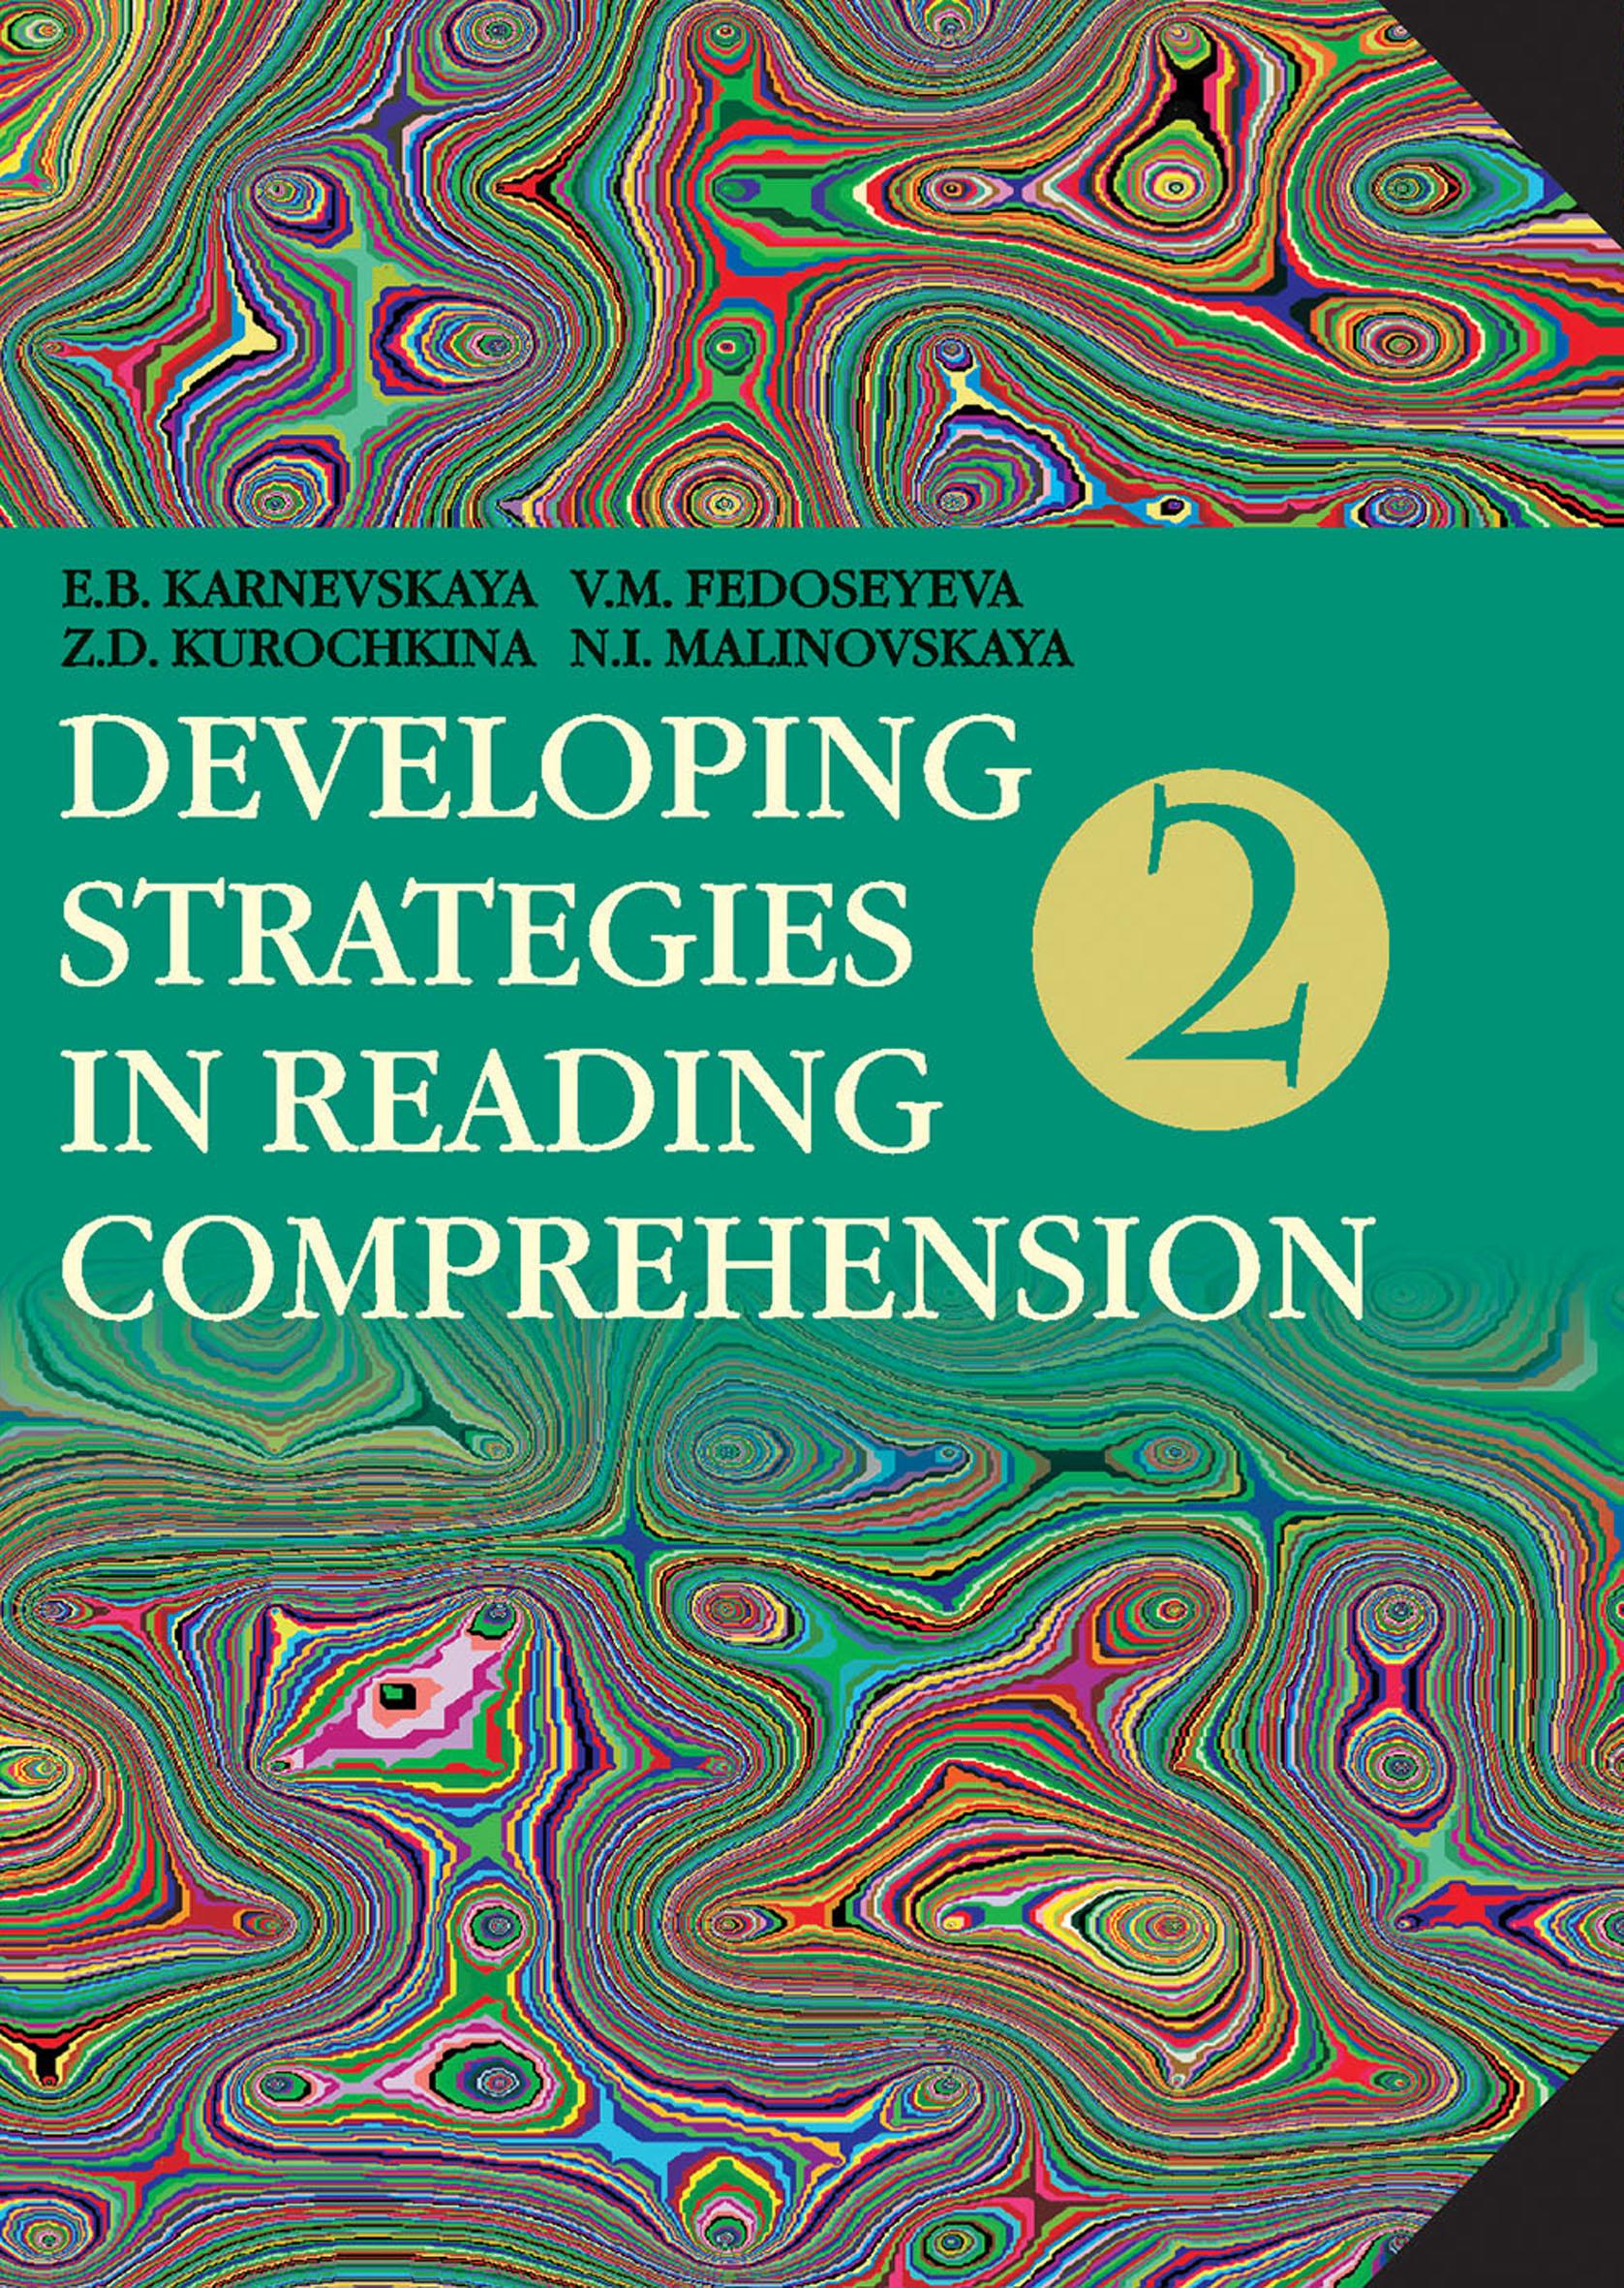 цена на Е. Б. Карневская Developing Strategies in Reading Comprehension / Английский язык. Стратегии понимания текста. Часть 2